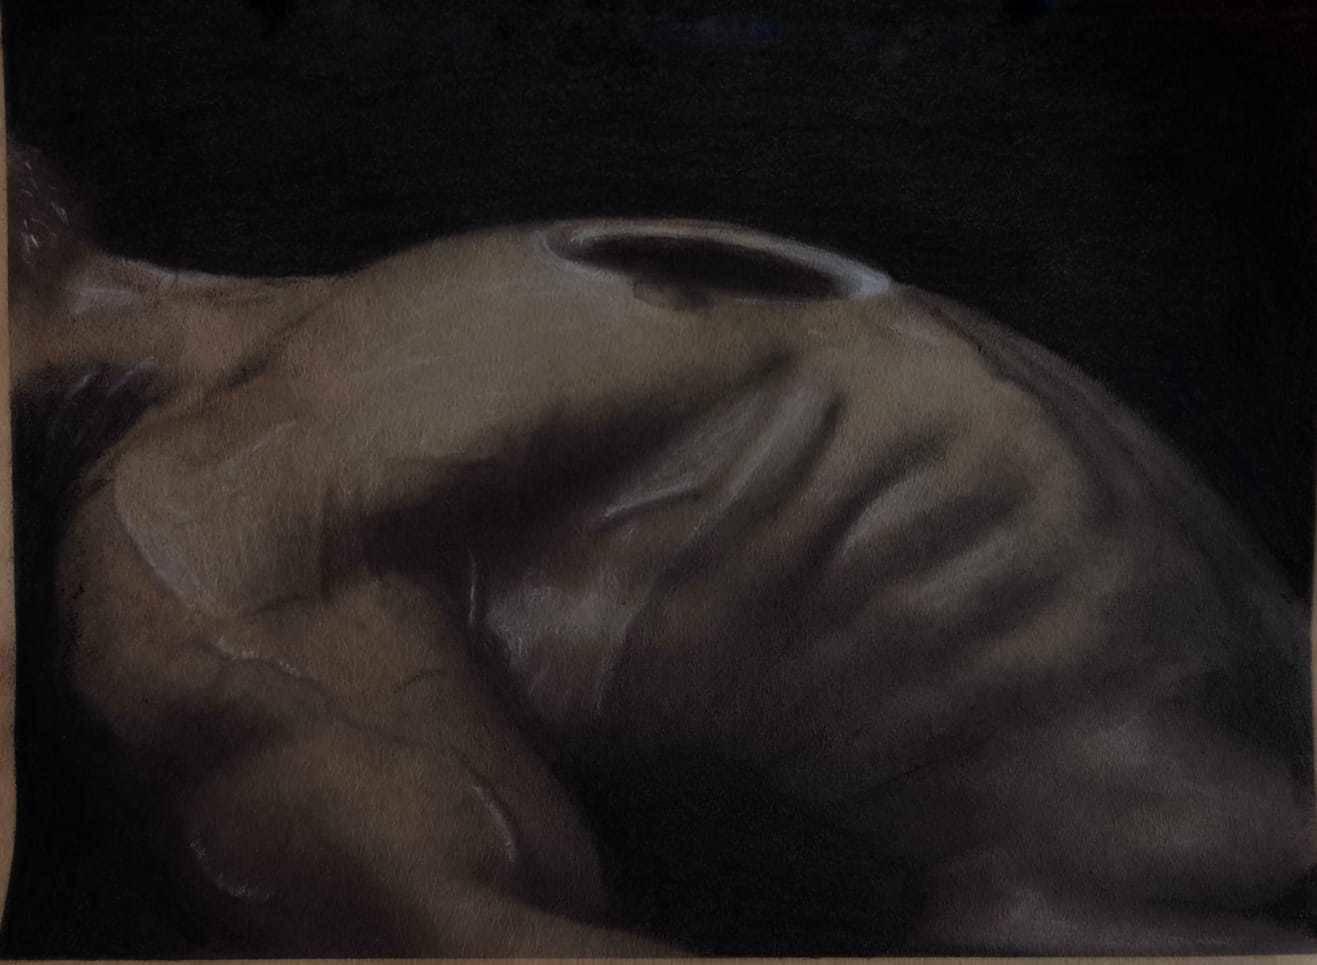 На грани / On an edge Карандаш на крафтовой бумаге / Pencil on a craft paper Изображение иллюстрирует пограничное состояние между болью и удовольствием, между смертью и жизнью. А что видите вы? Очень интересно узнать ваше мнение!